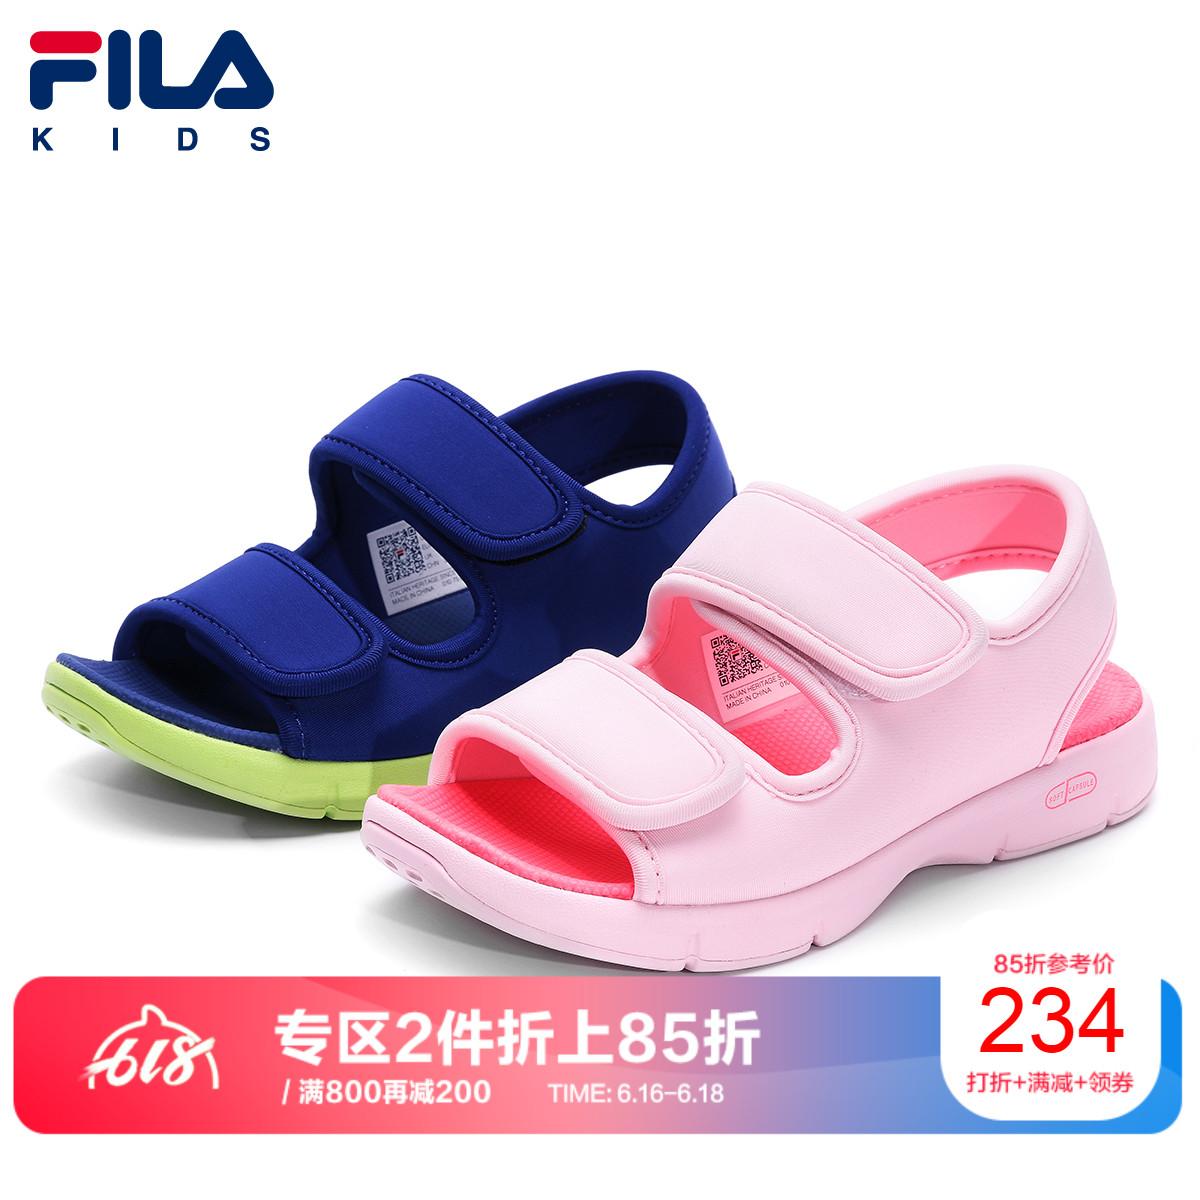 FILA斐乐童装2019夏季新款男童女童鞋子轻盈舒适魔术贴儿童凉鞋